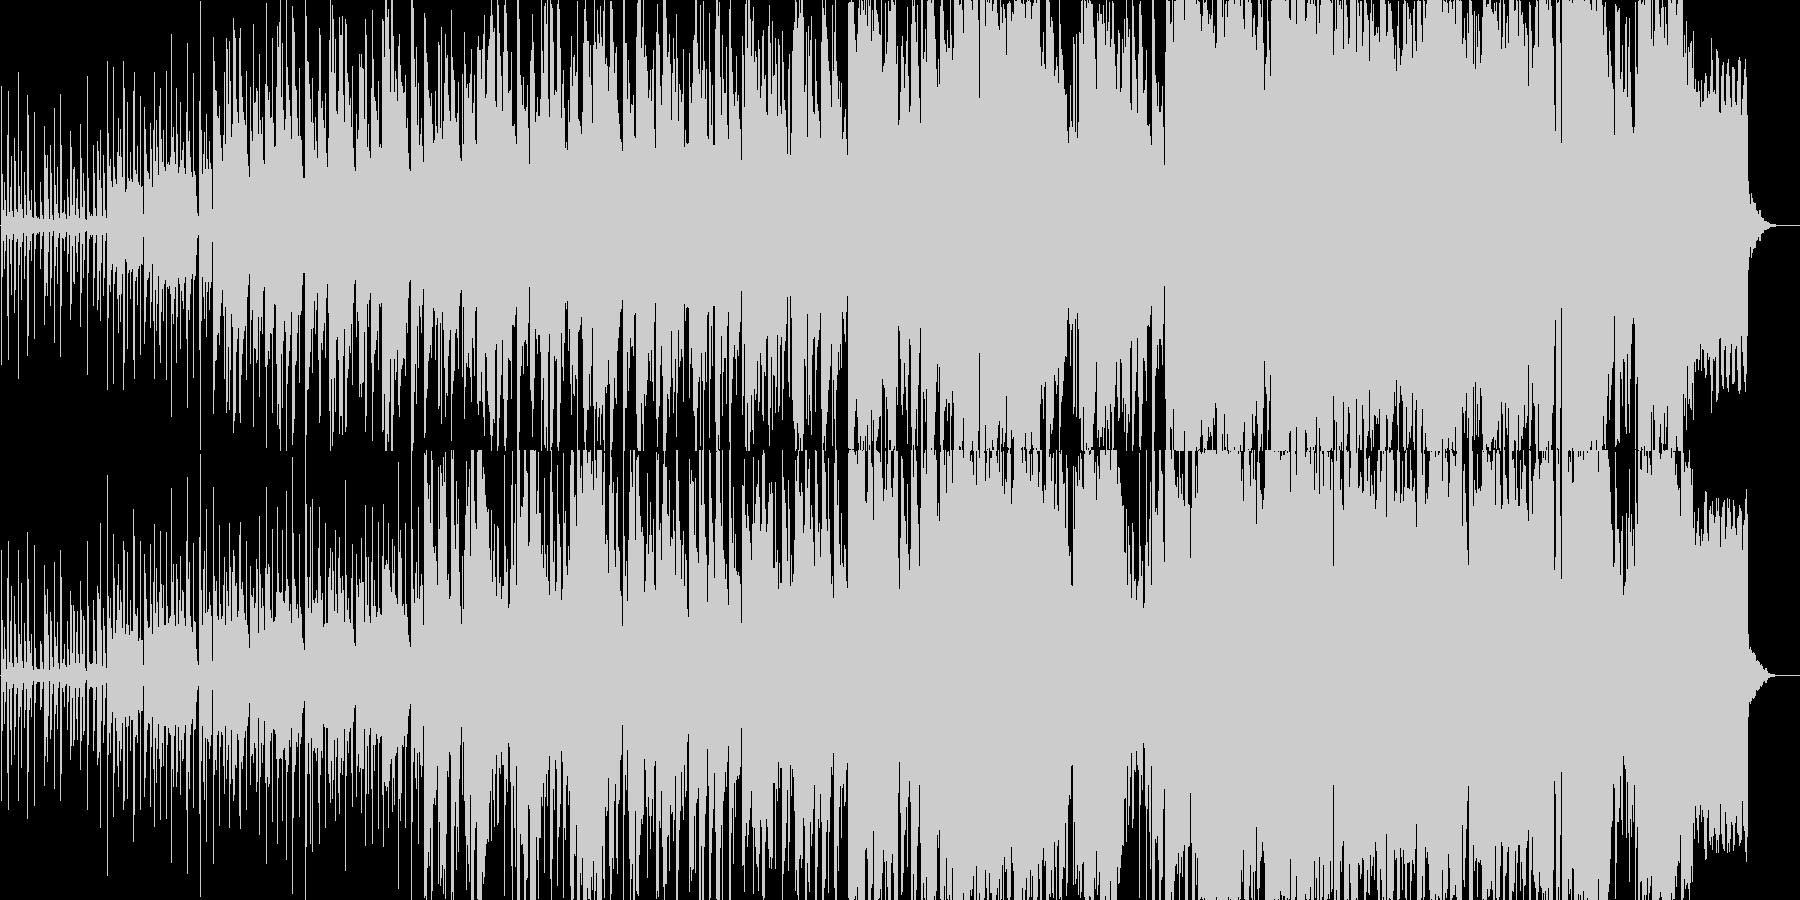 怪しい雰囲気が漂うインド音楽の未再生の波形